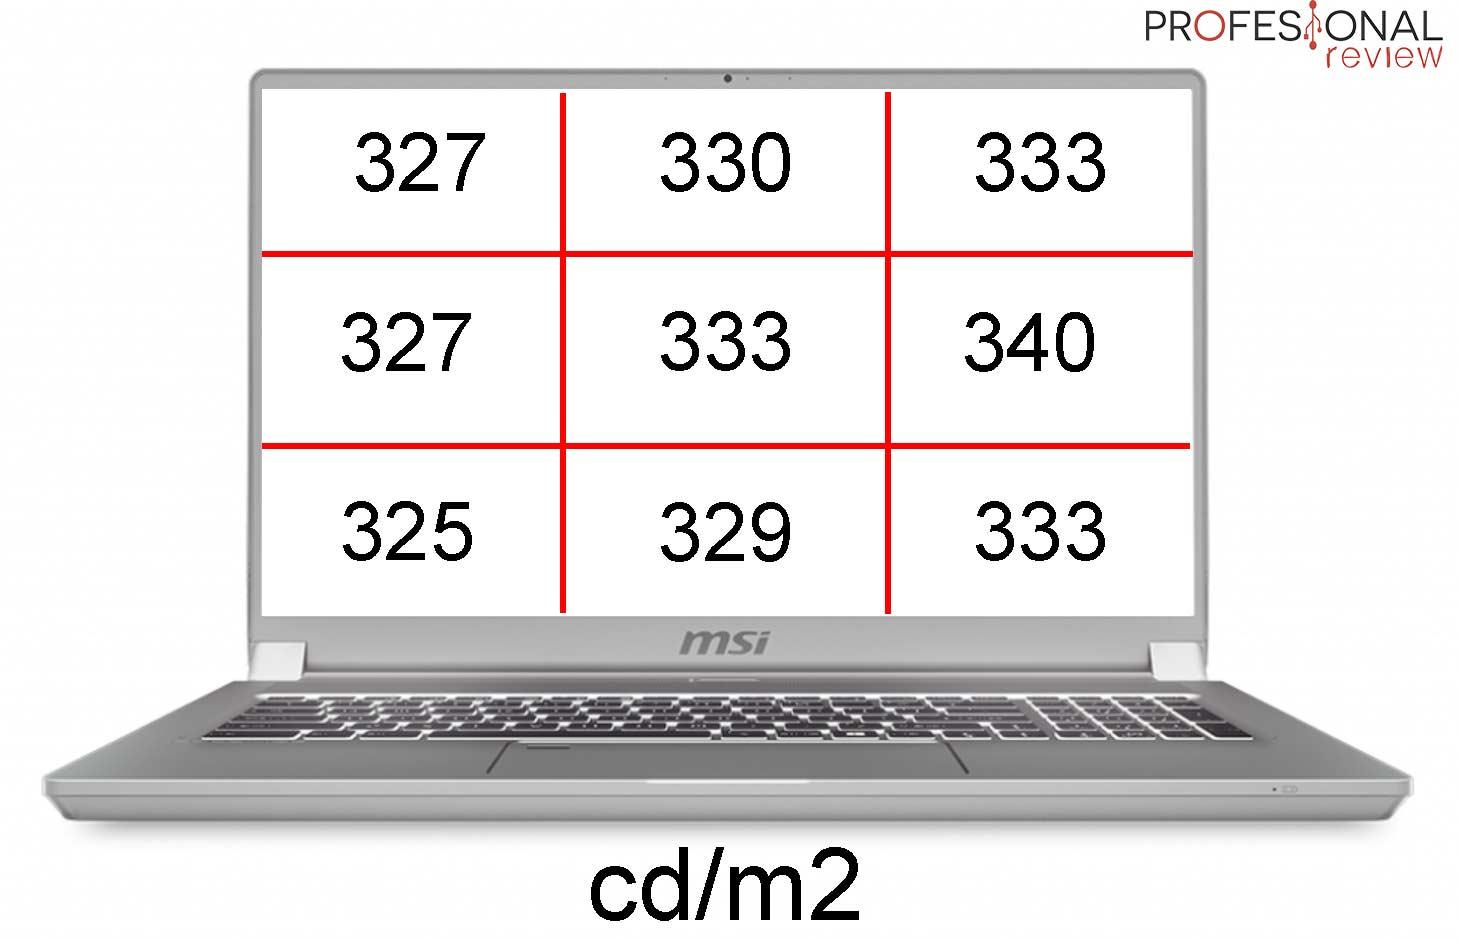 MSI P75 Creator 8SE Brillo